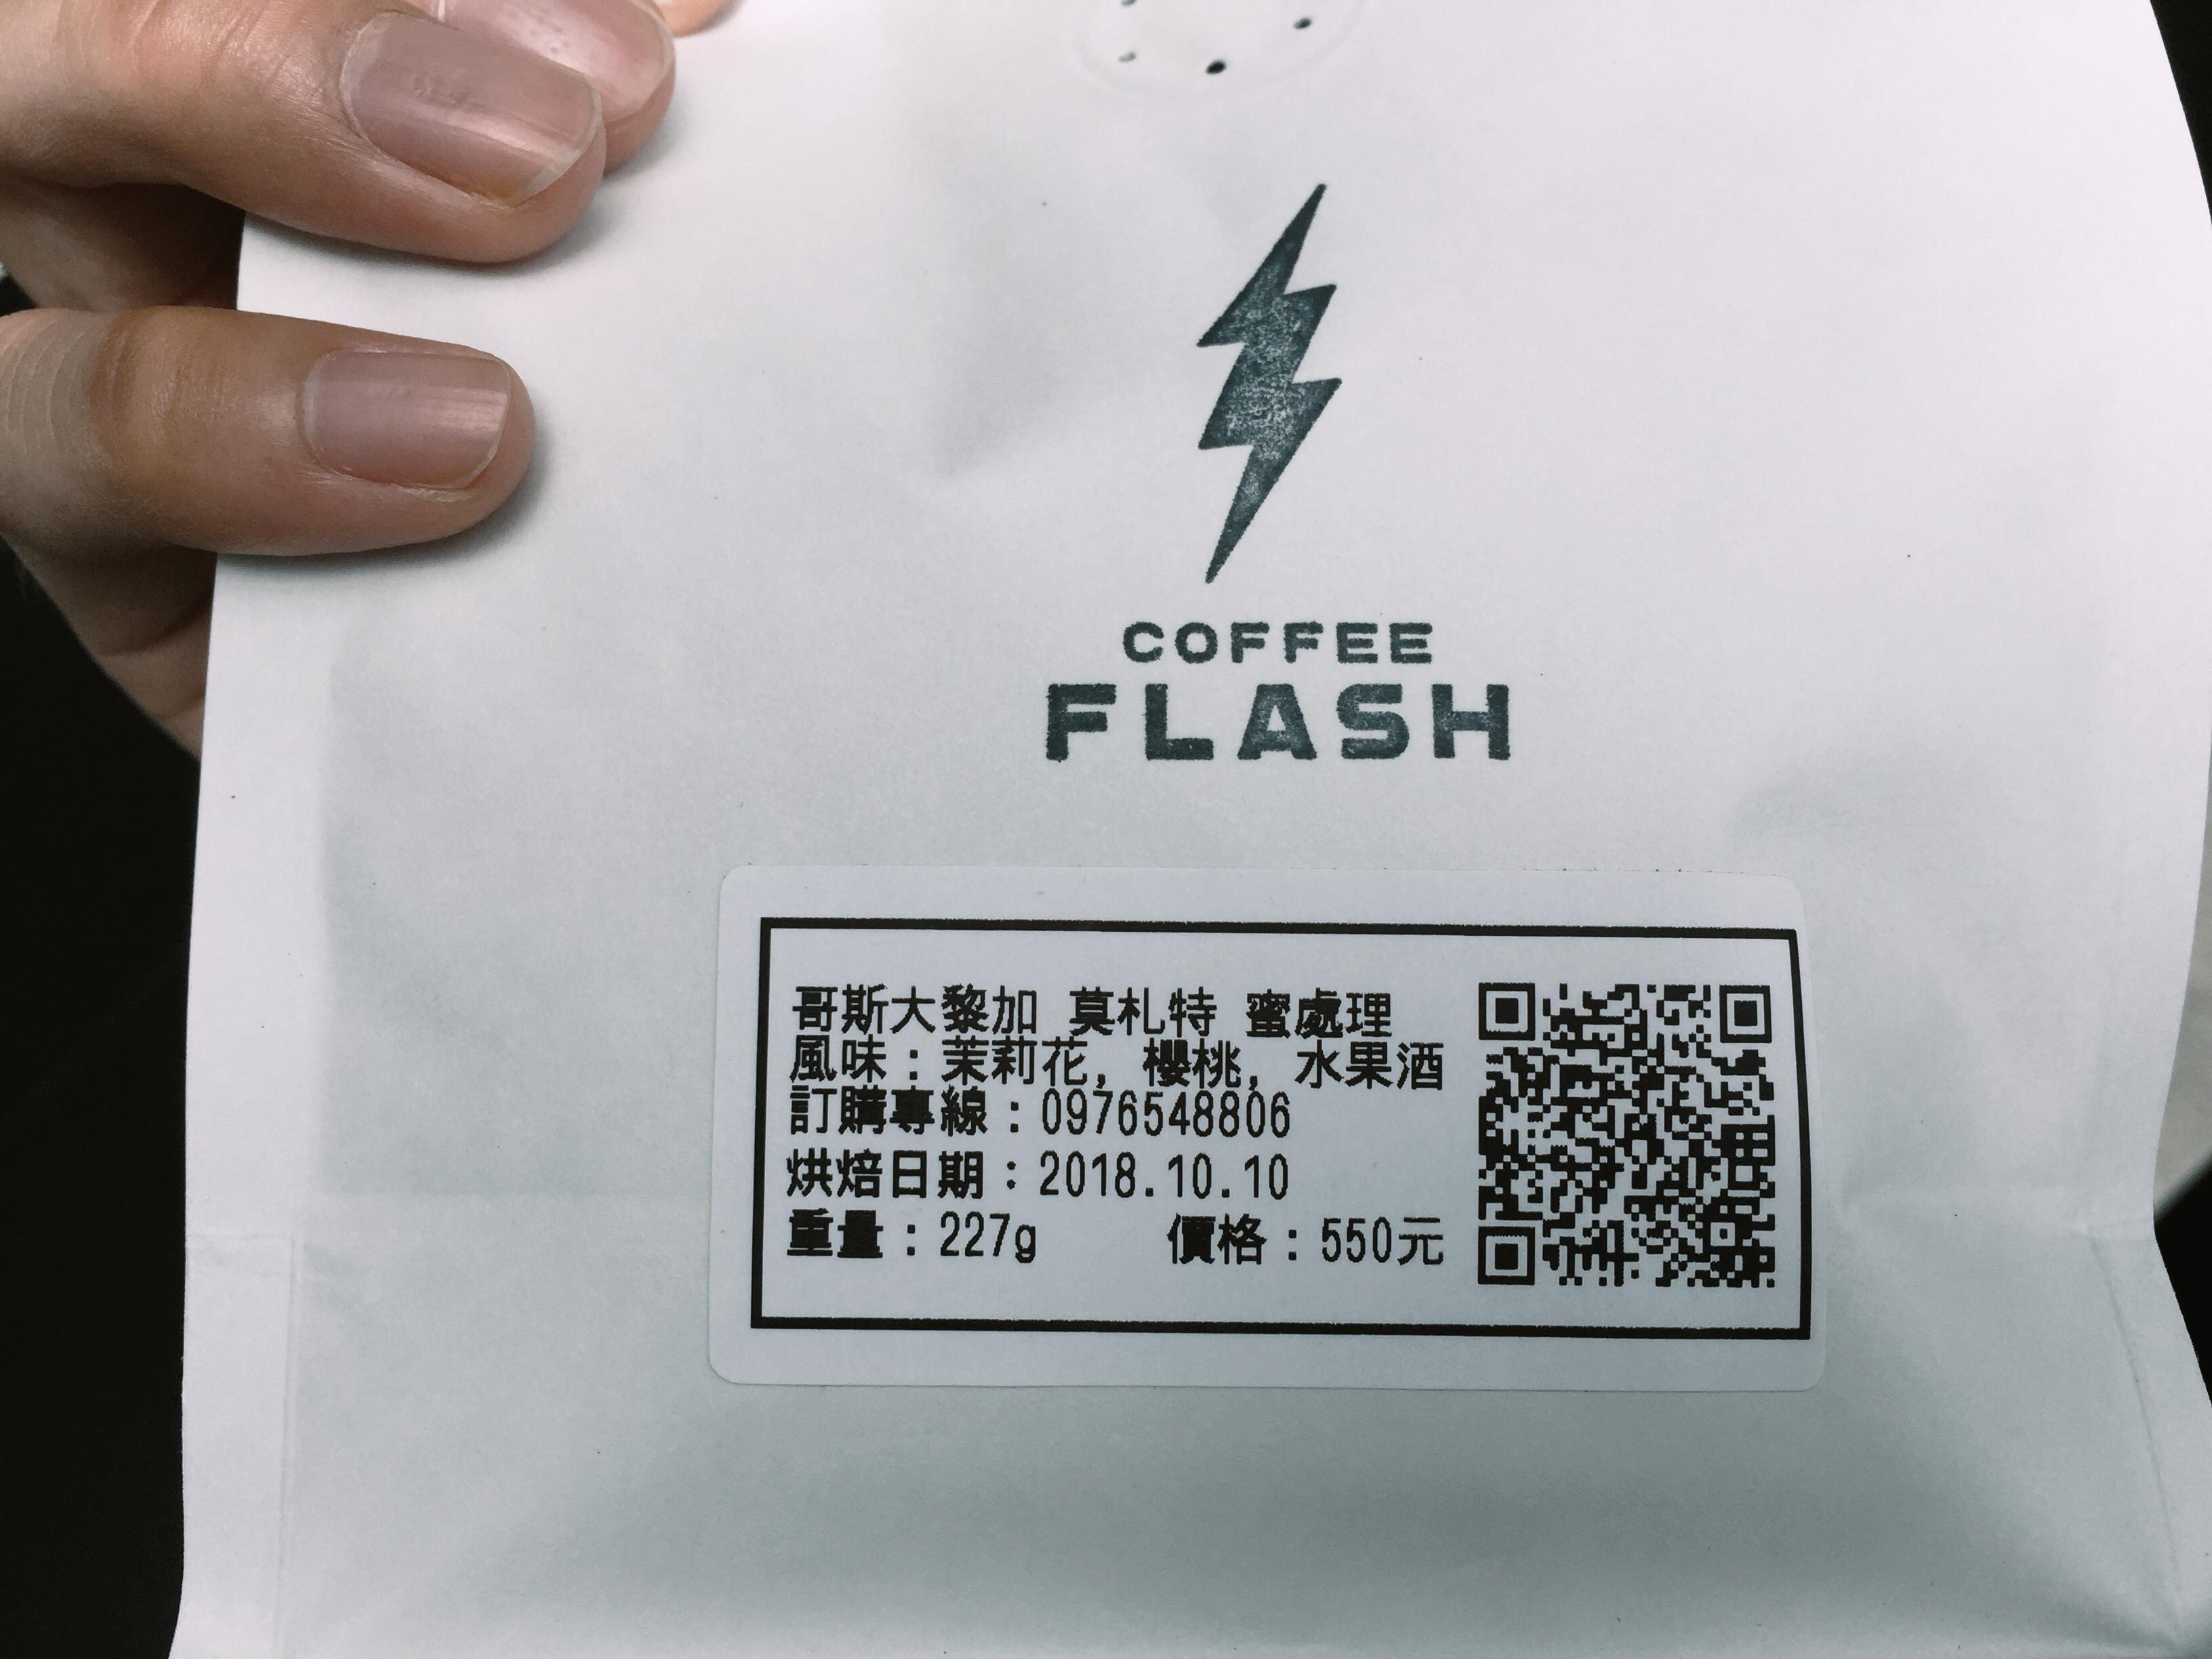 音樂家系列 - 莫札特咖啡豆 ,加入Line在現場還能獲得一包掛耳包咖啡